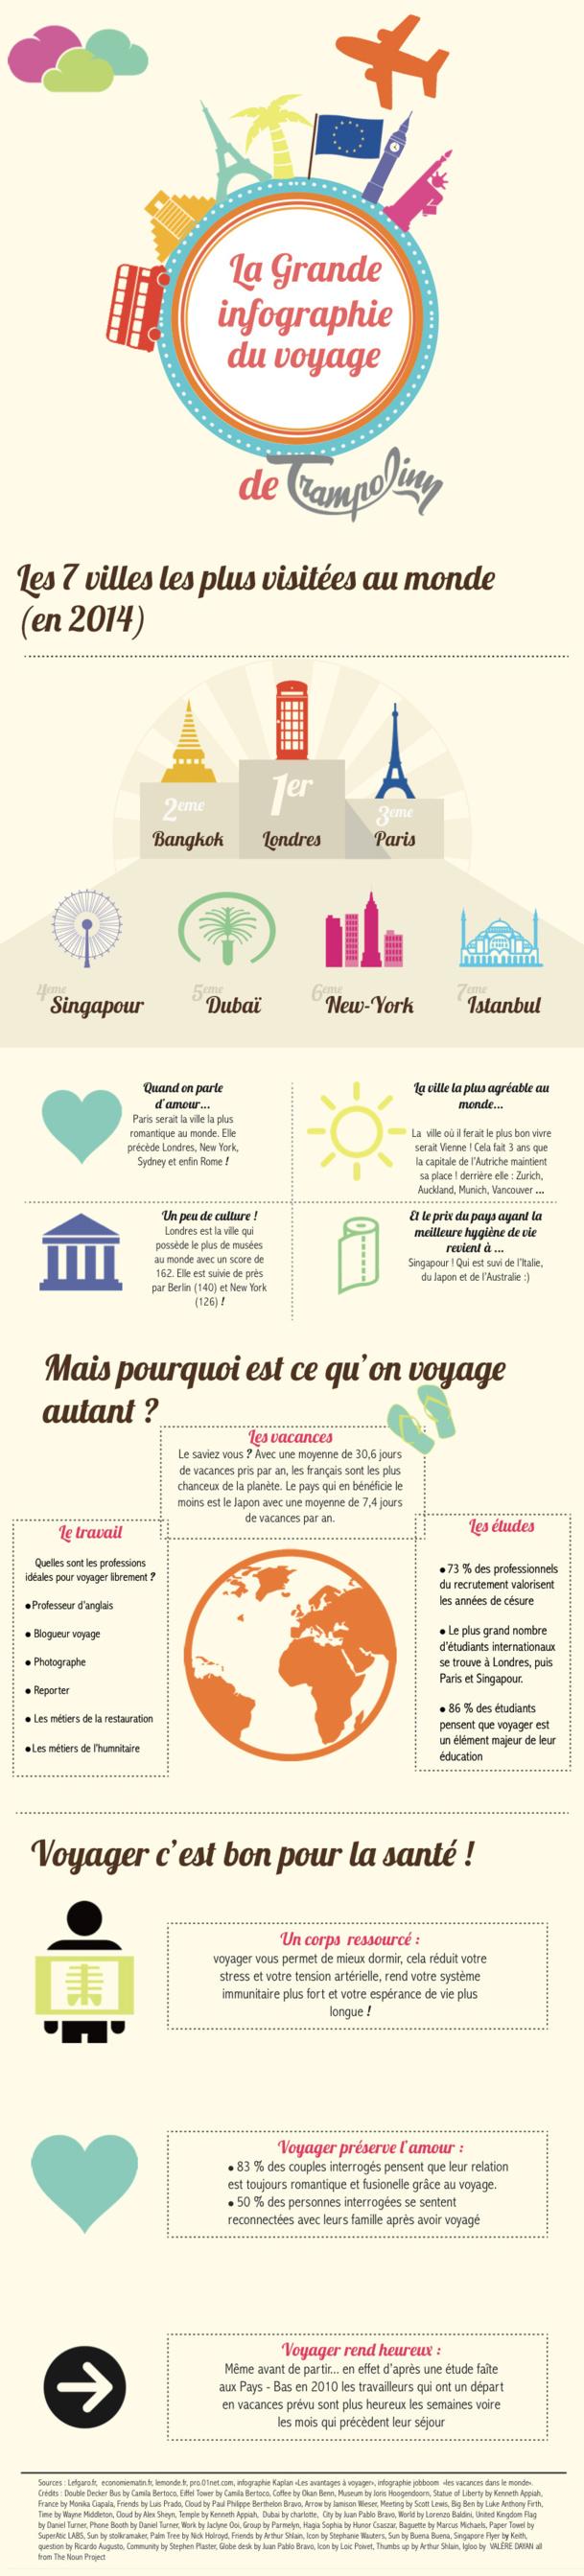 Infographie : Vienne (Autriche) est la ville la plus agréable au monde